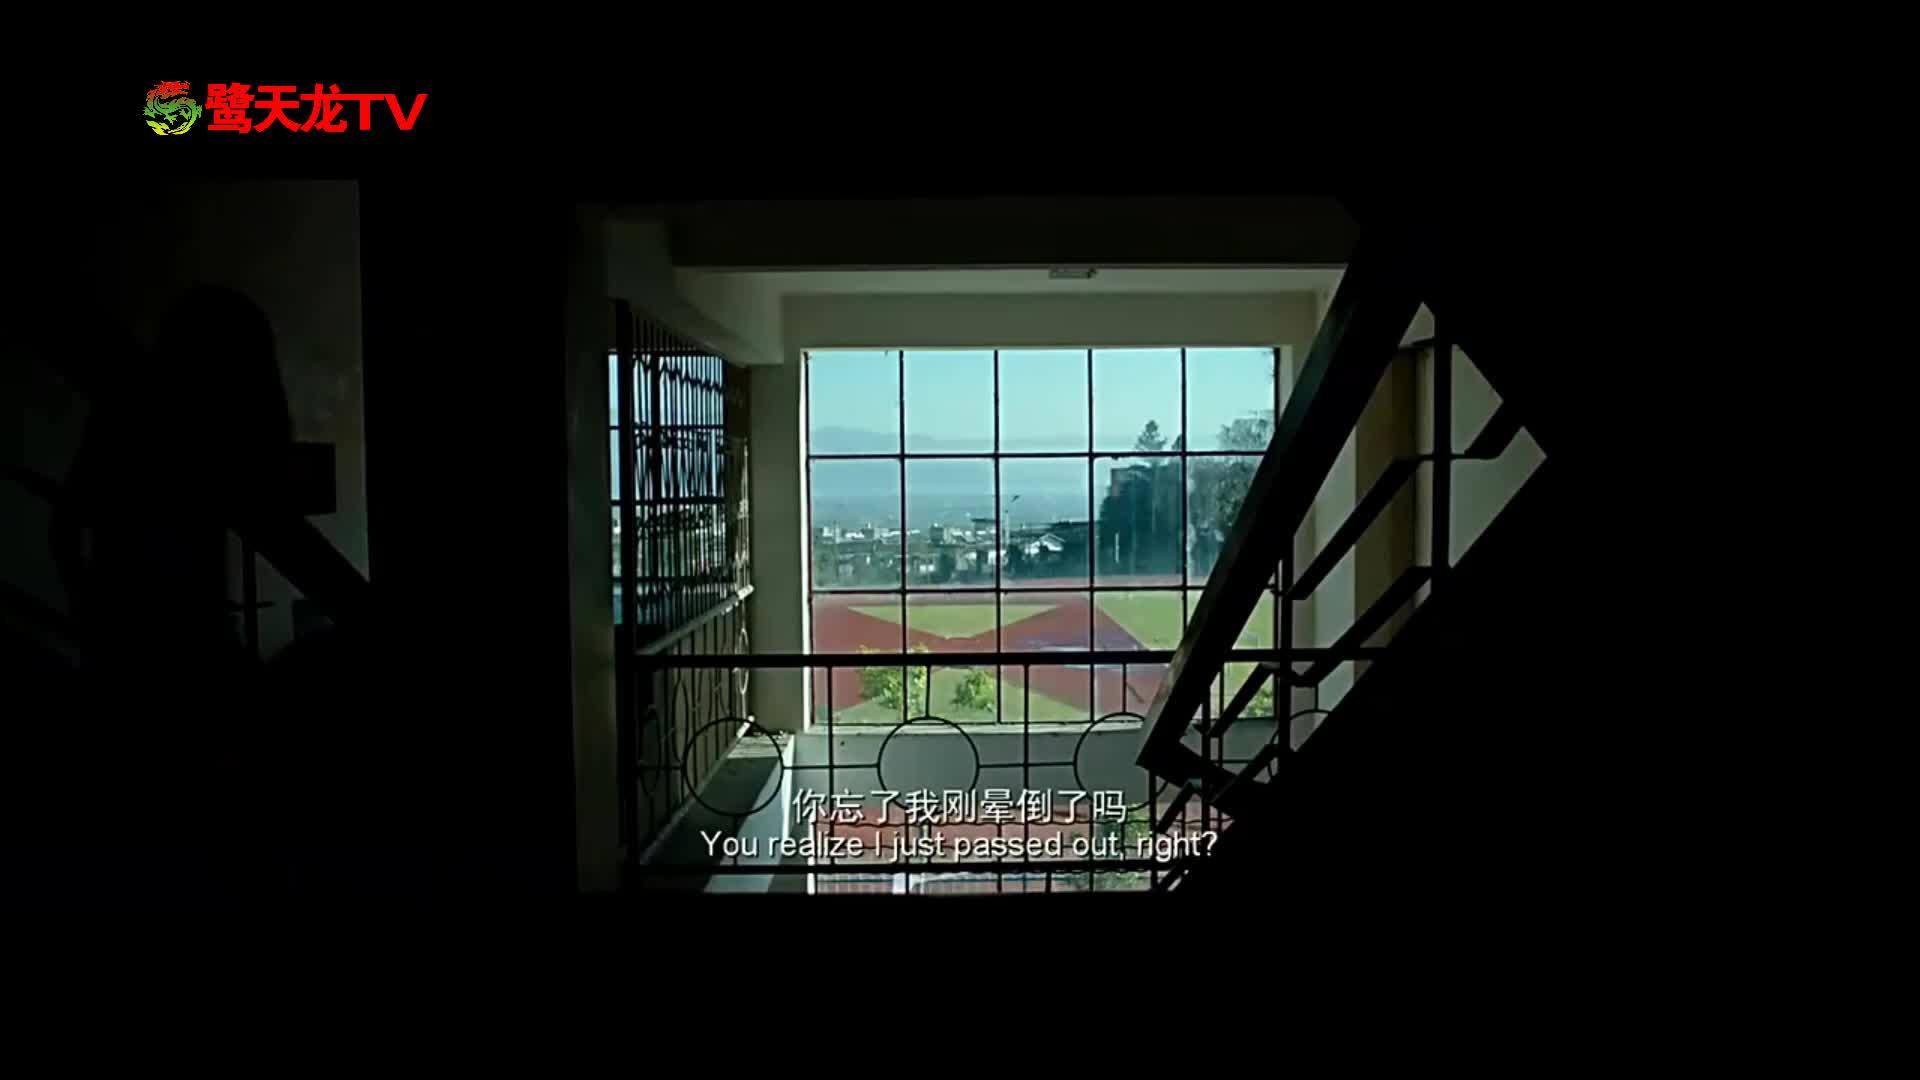 《秘果》片段:花蕾剧场的传说吓坏欧阳娜娜